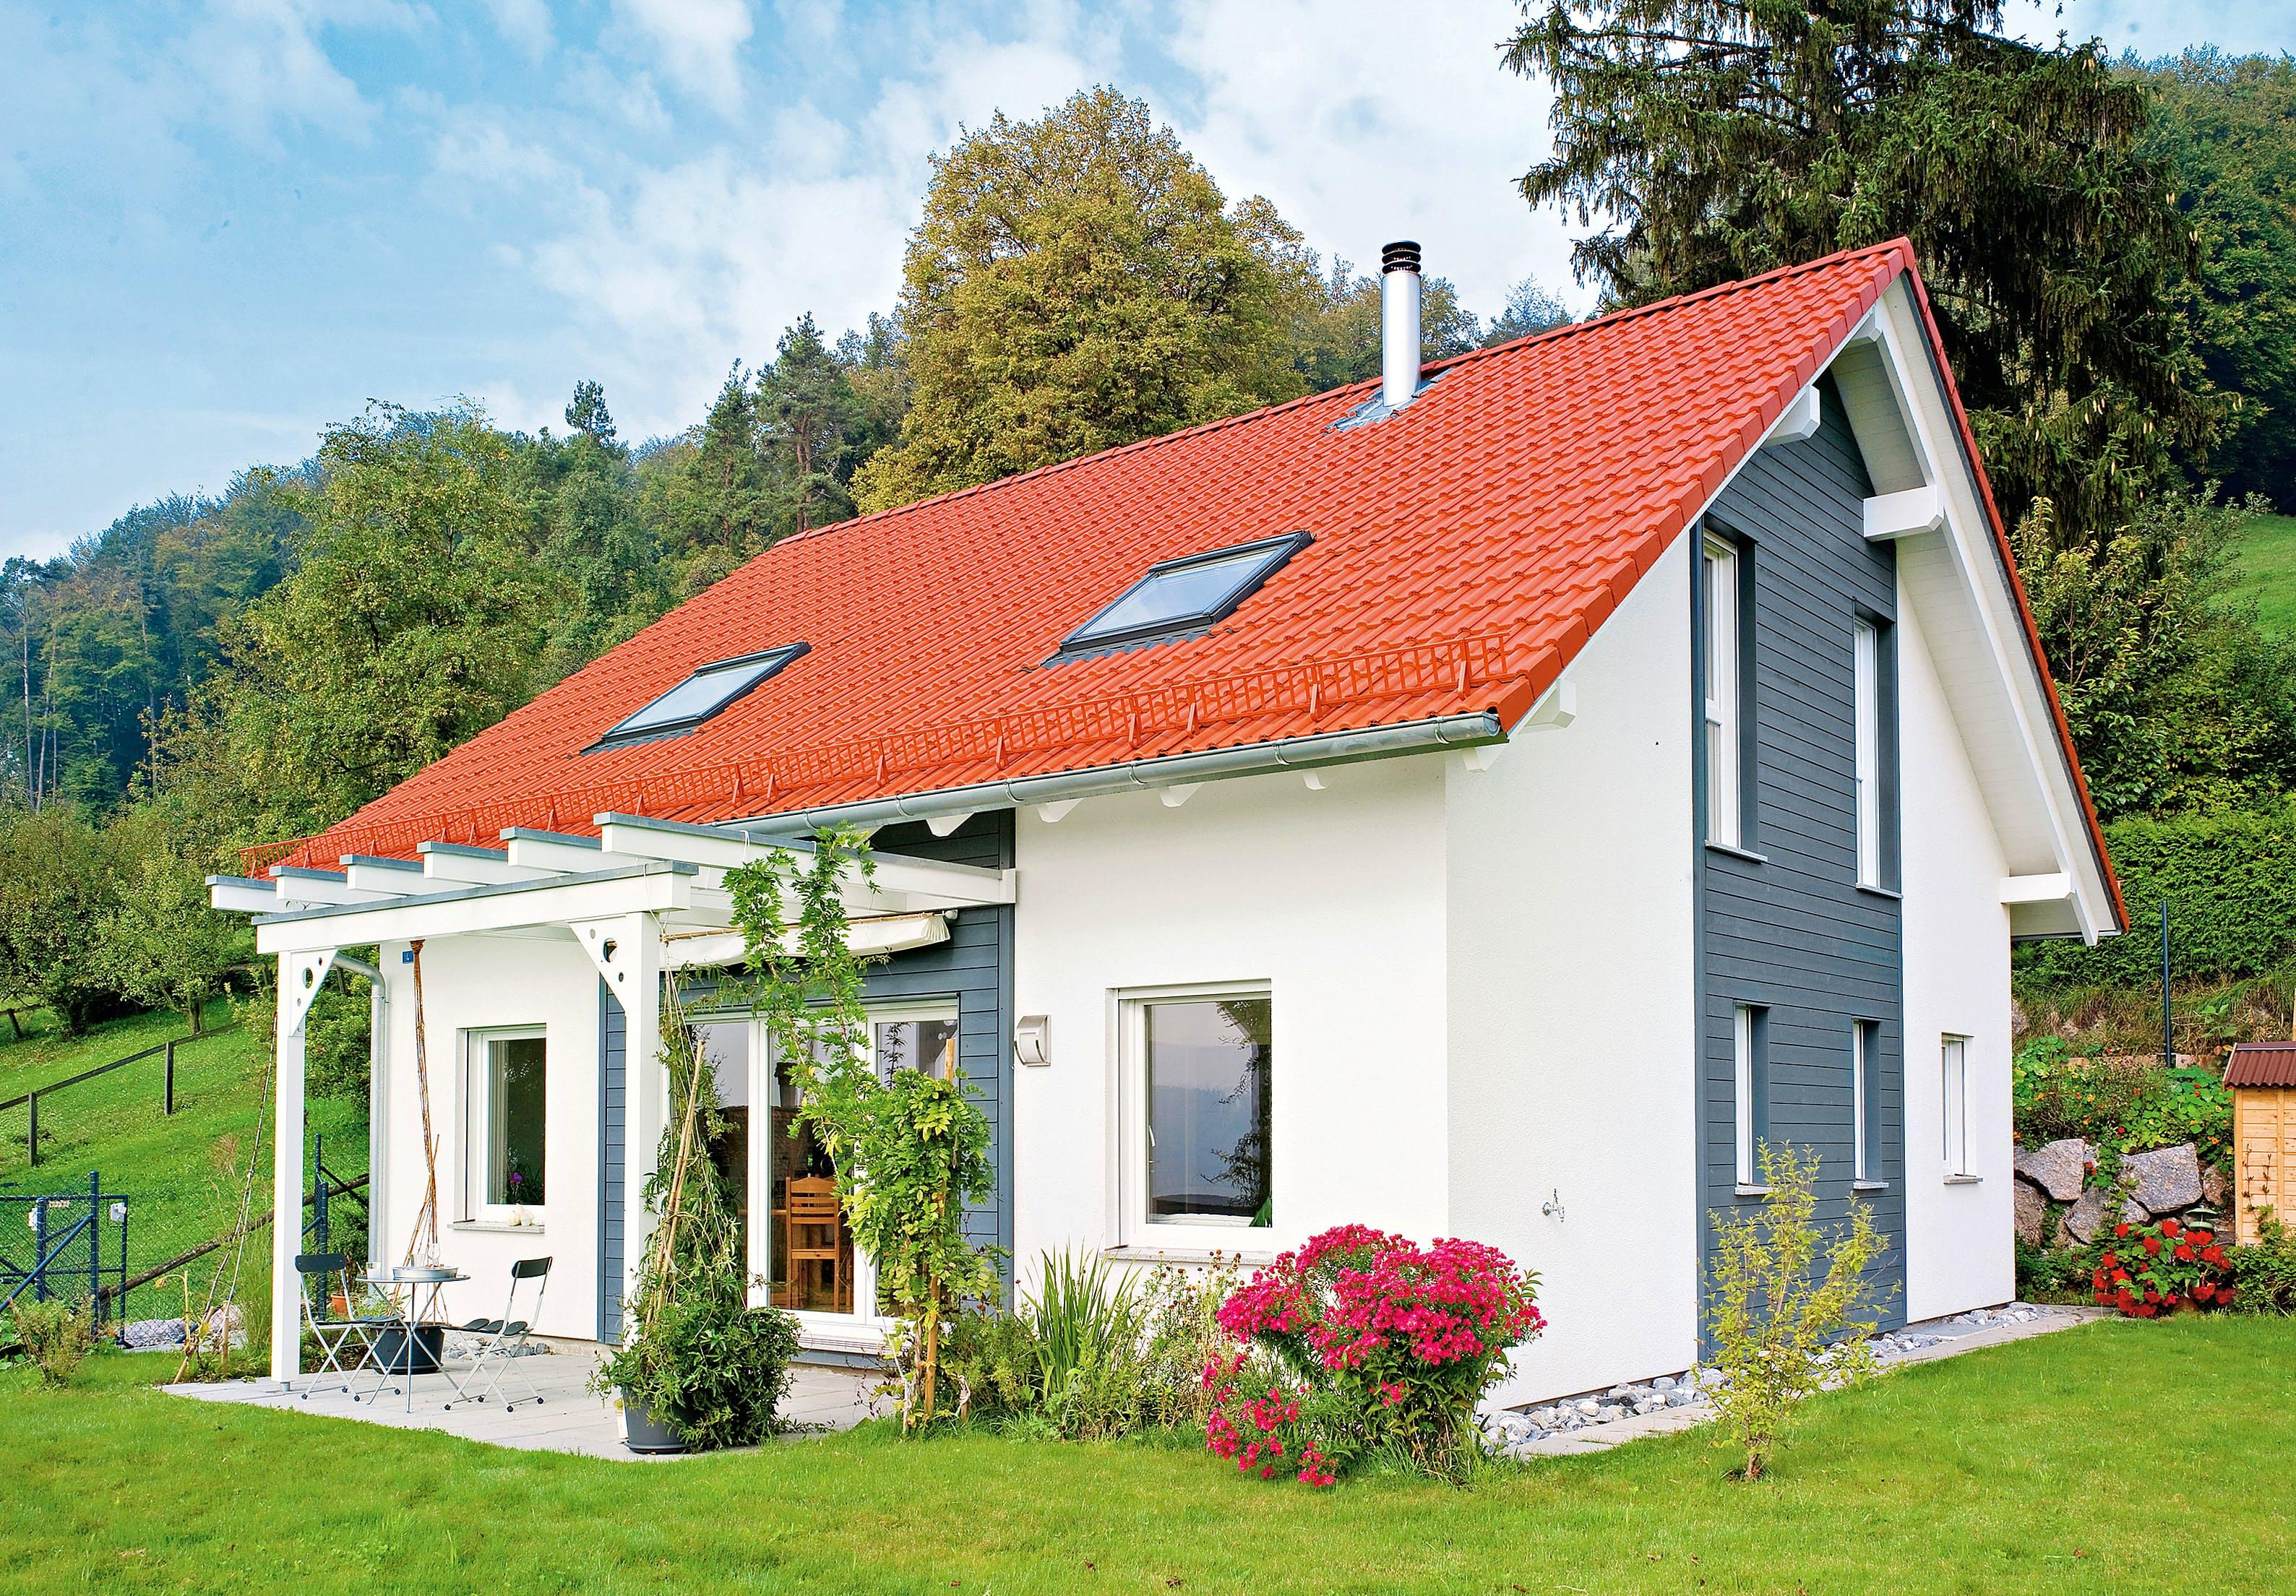 Moderne Häuser mit Stil | Preise | Anbieter | Infos | Fertighaus.de